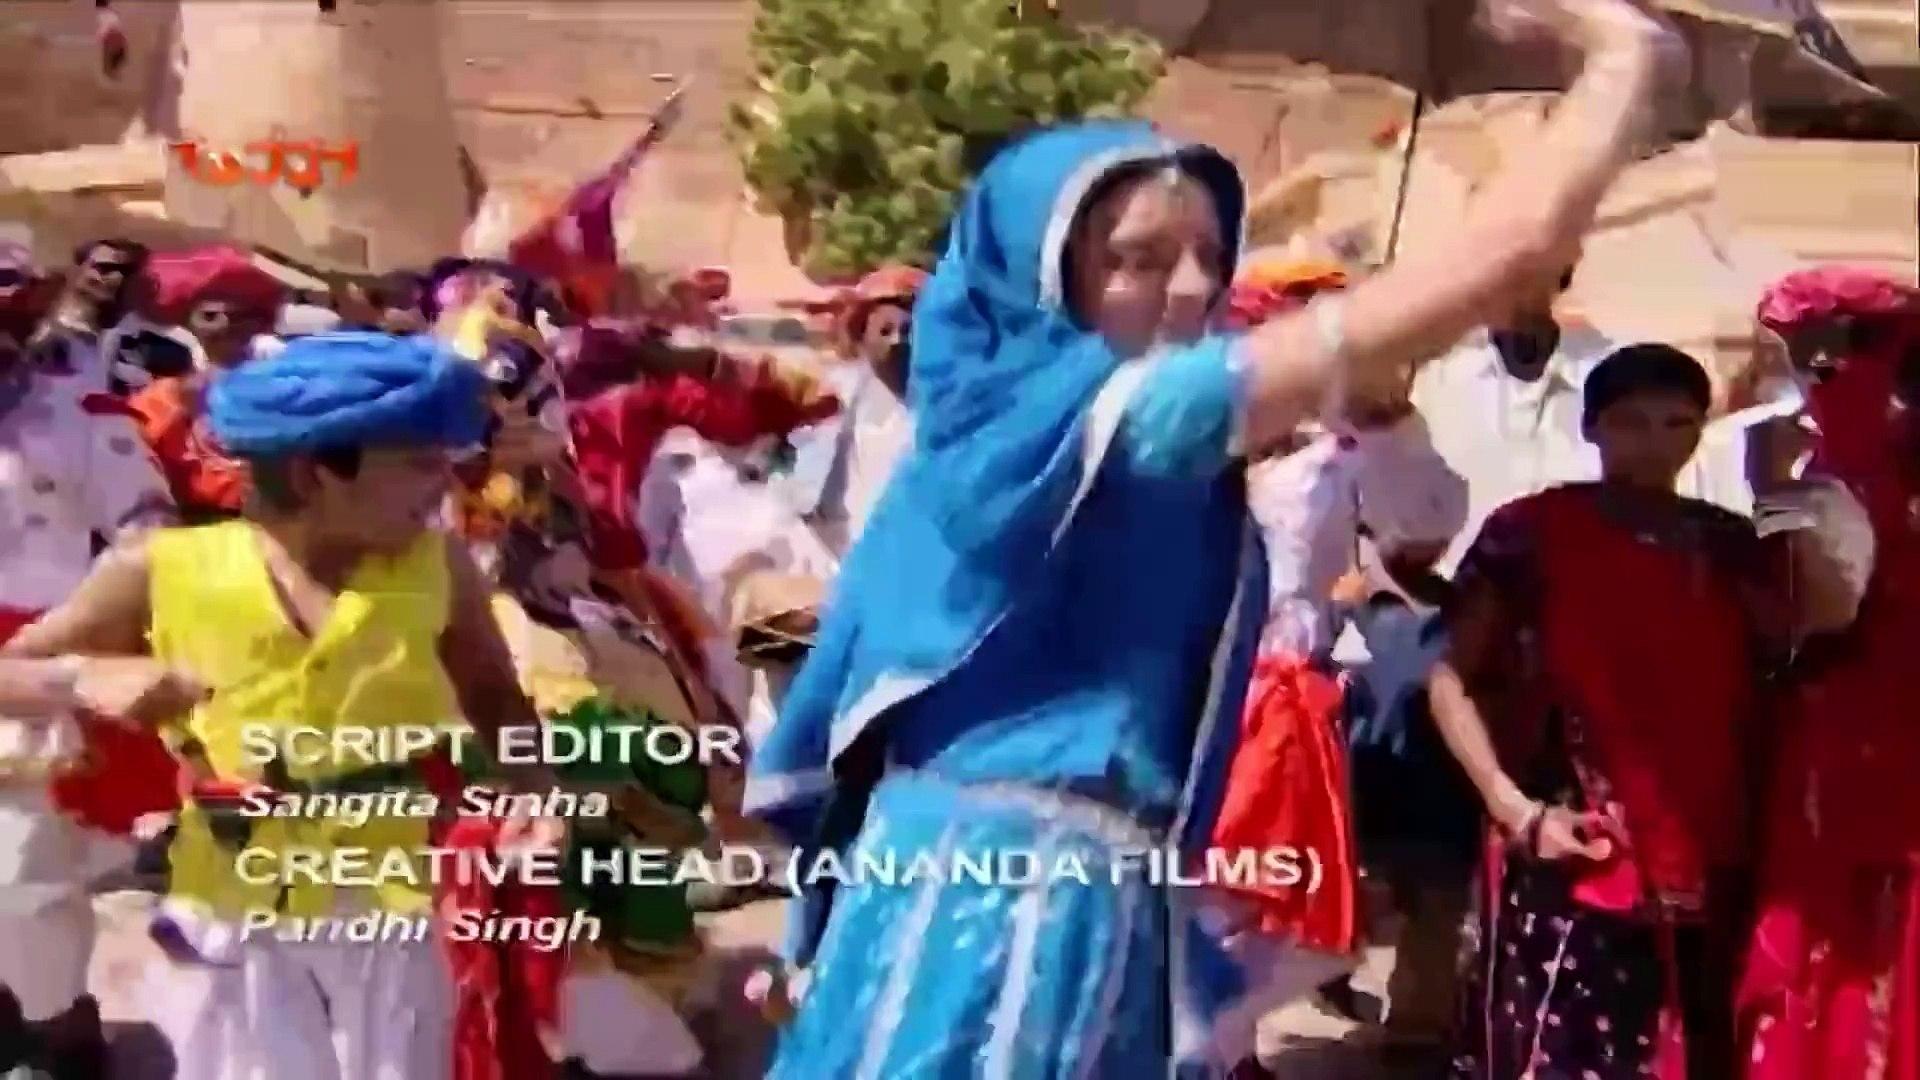 Nỗi Lòng Nàng Dâu (Tập 16 - Phần 1) - Phim Bộ Tình Cảm Ấn Độ Hay 2018 - TodayTV